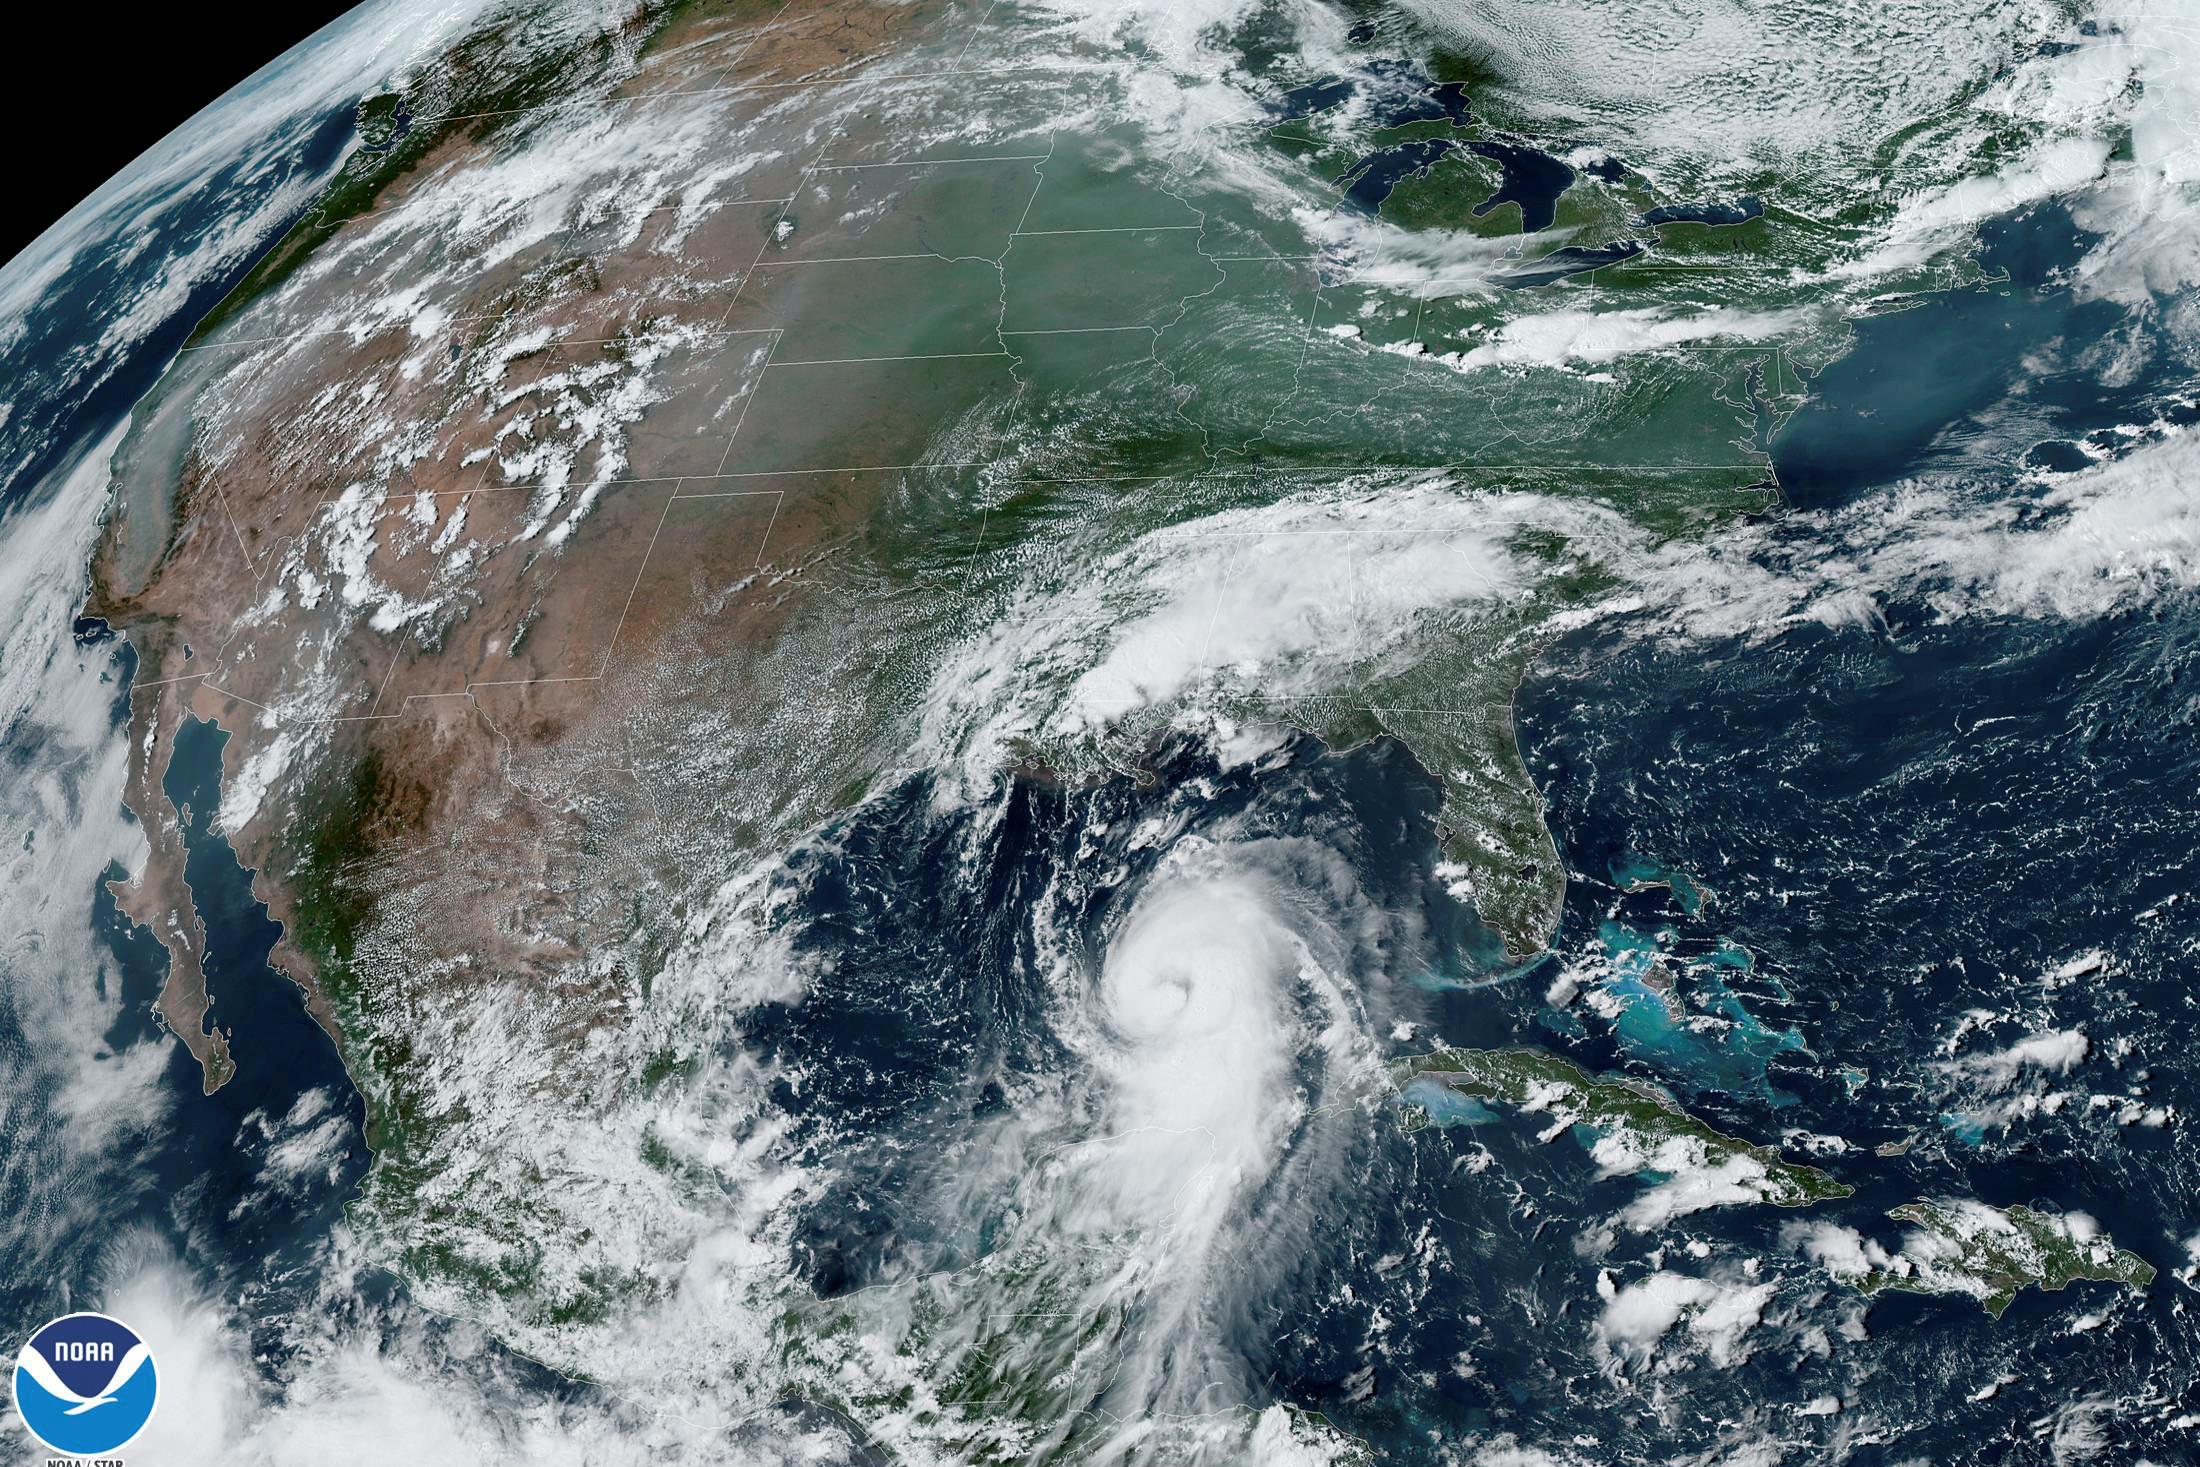 El huracán Laura arroja las costas de Texas y Louisiana en una imagen del satélite GOES-East de la Administración Nacional Oceánica y Atmosférica (NOAA) el 26 de agosto de 2020.